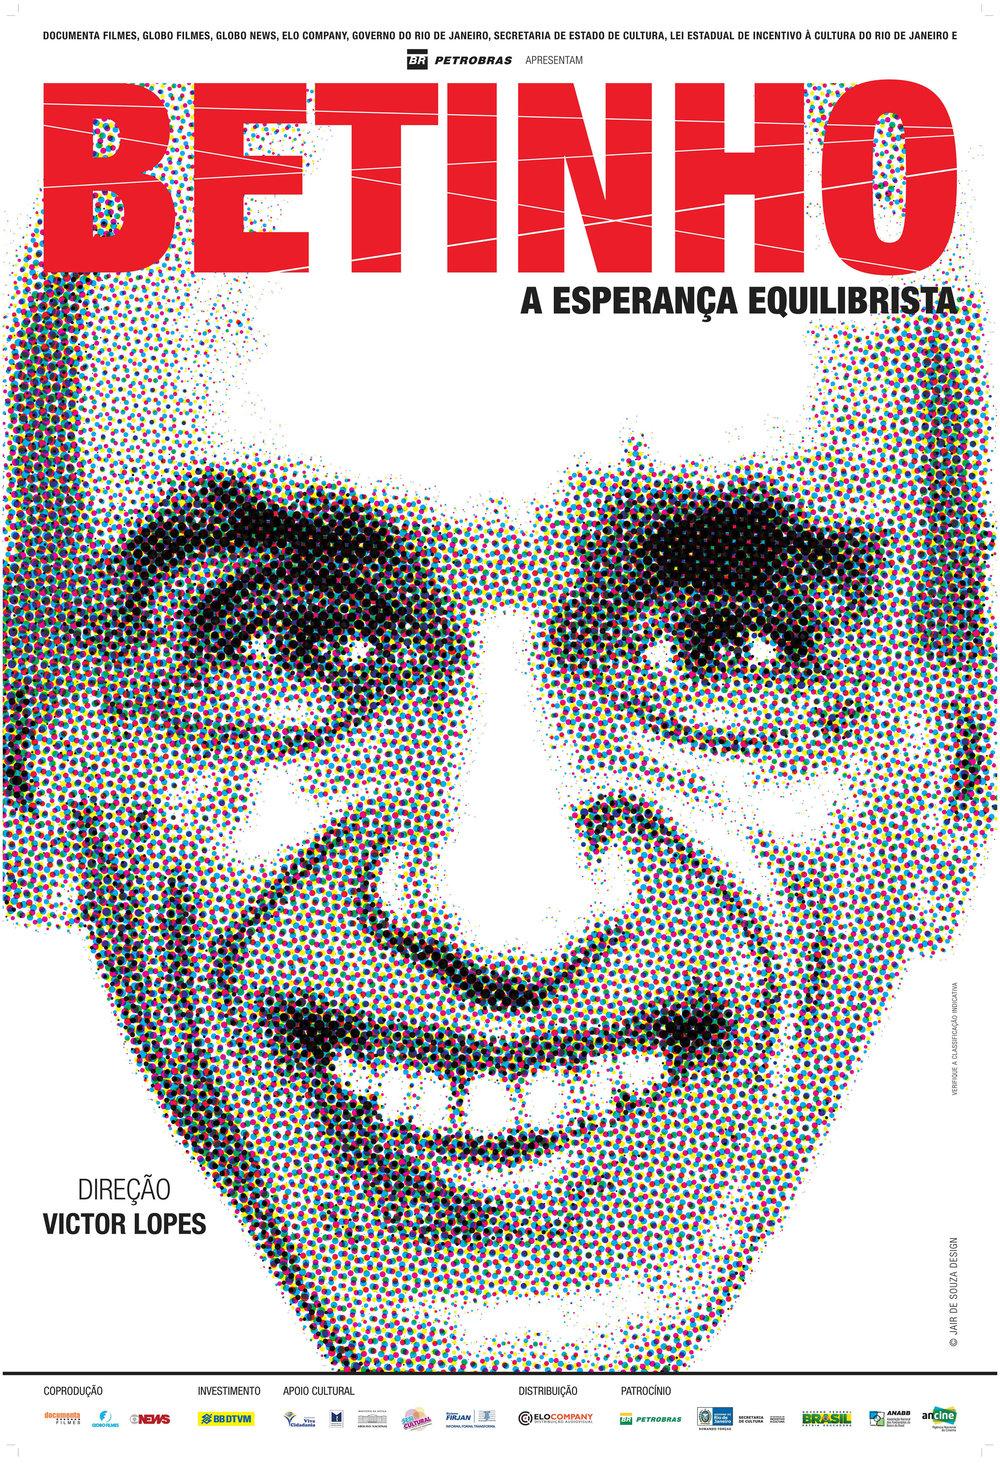 15_Betinho_Cartaz.jpg